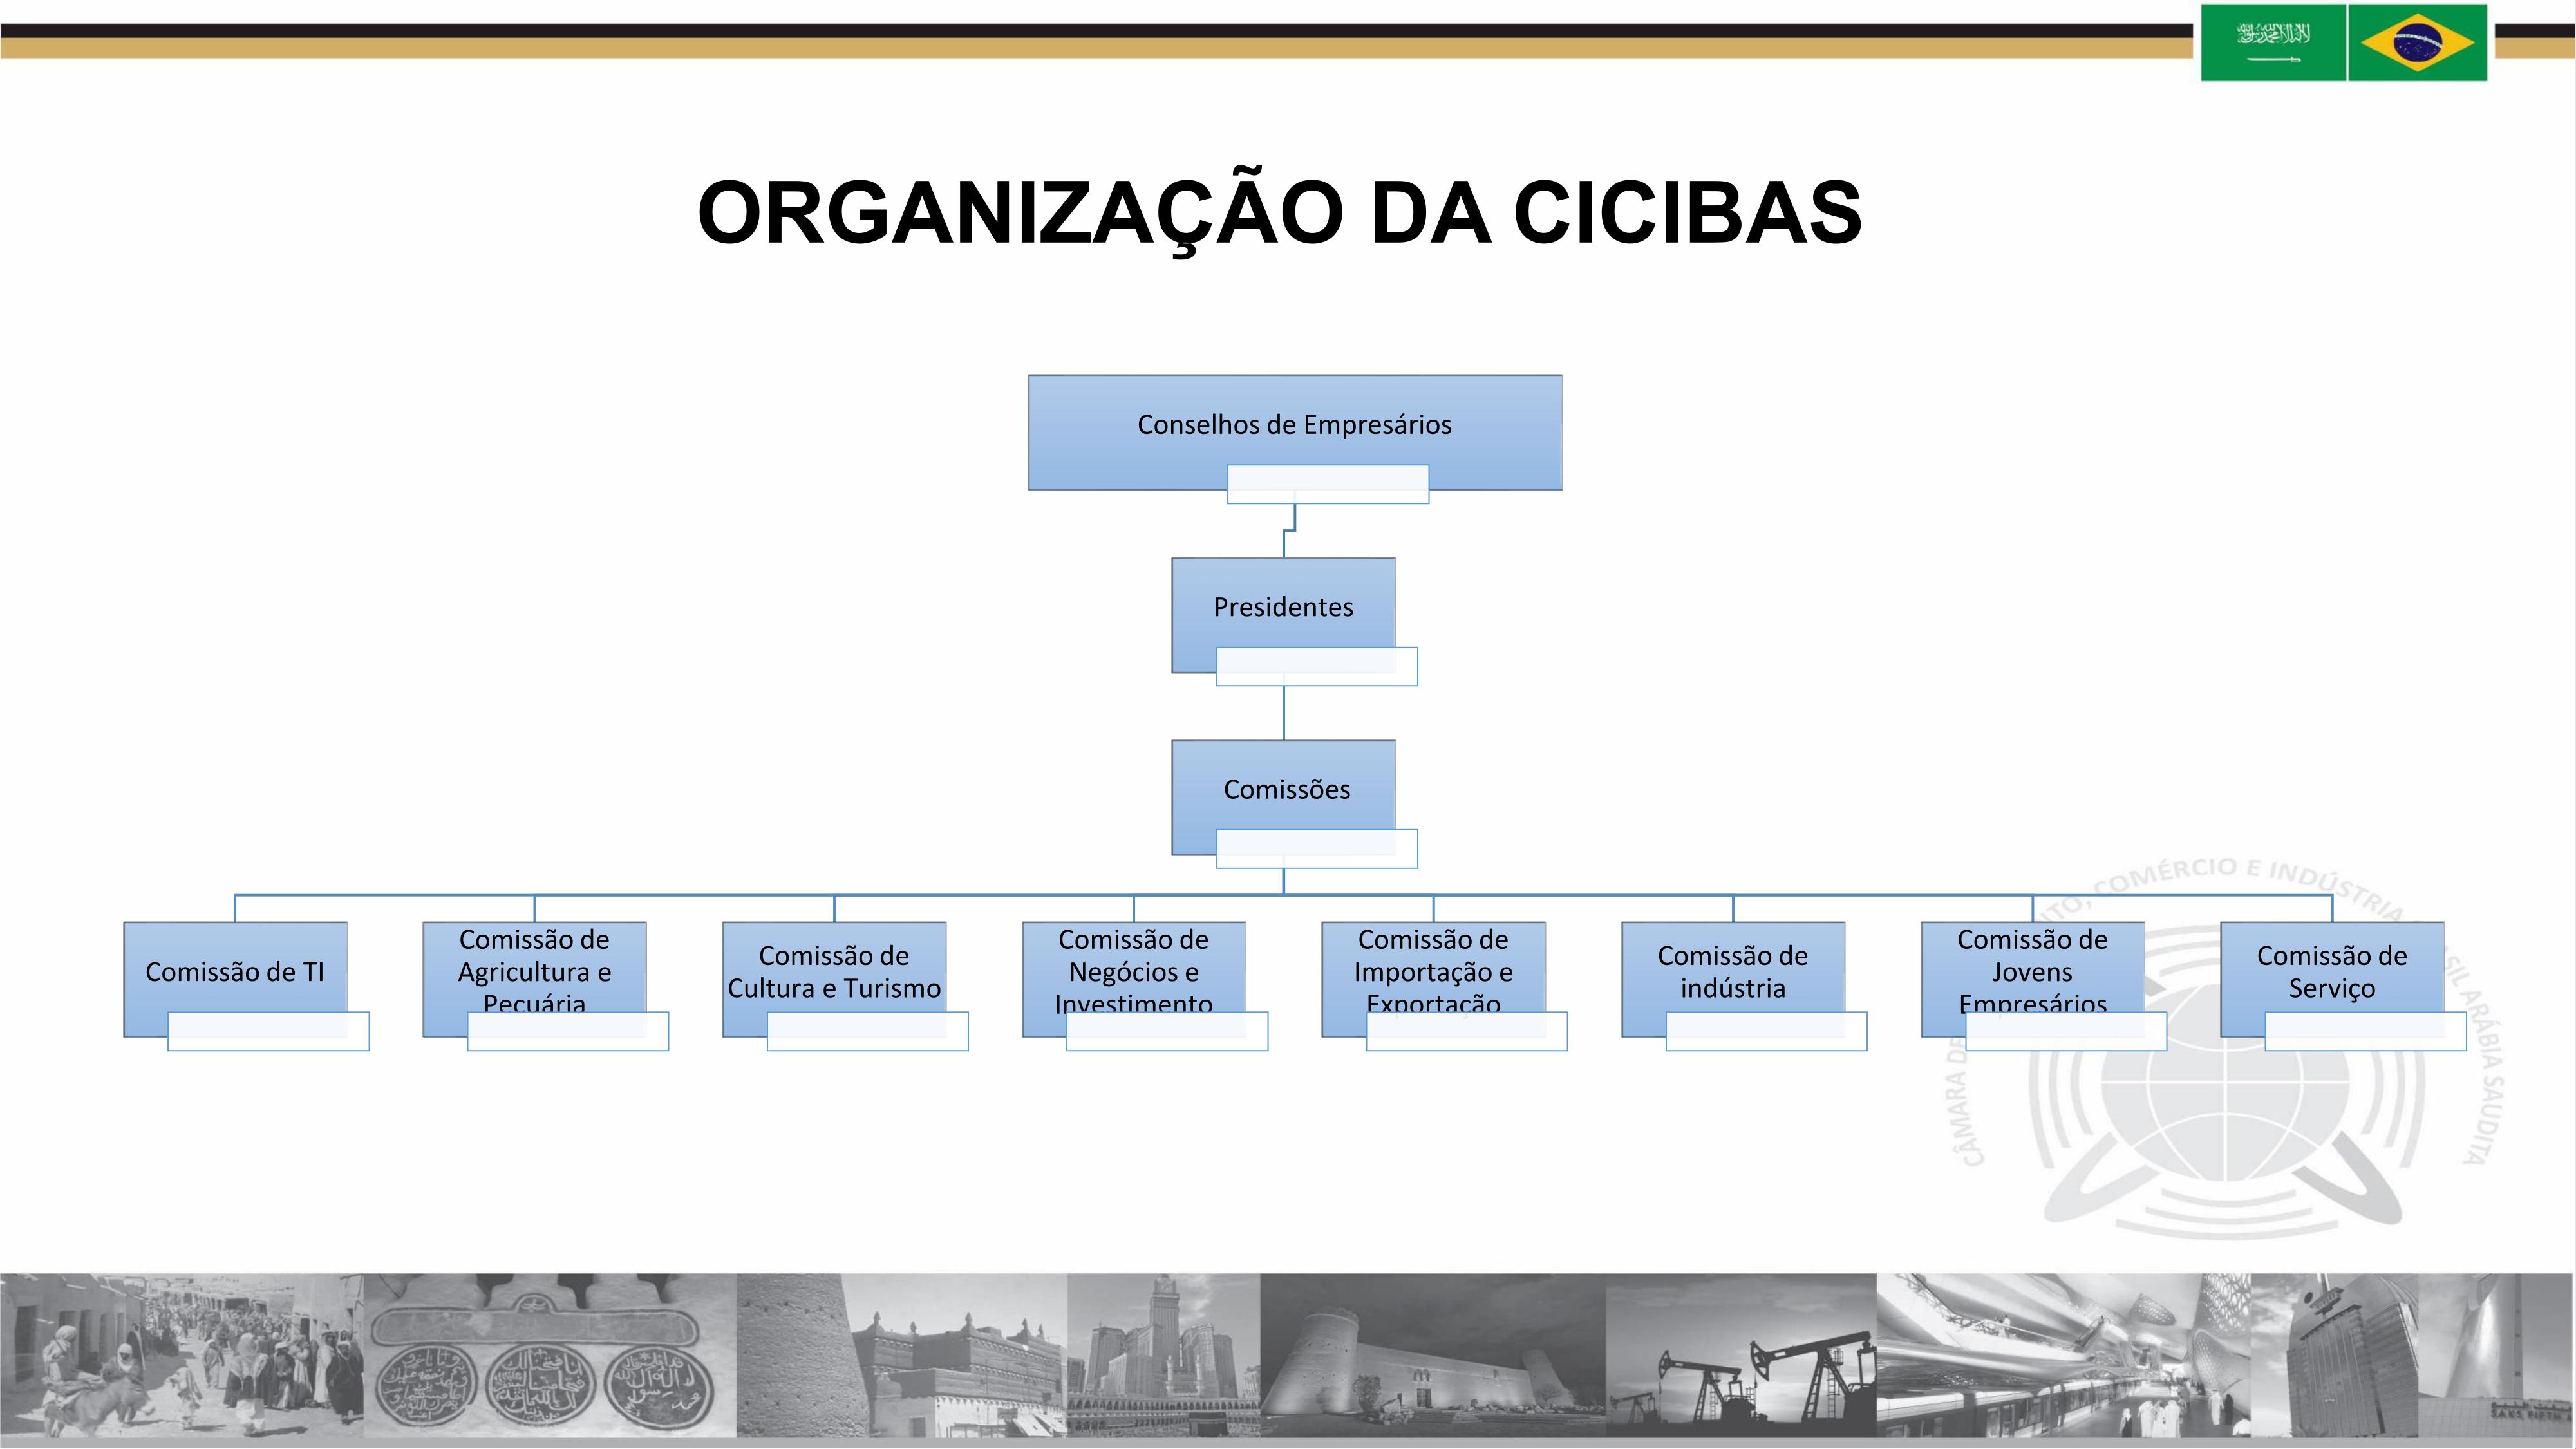 cicibasorganizaçao